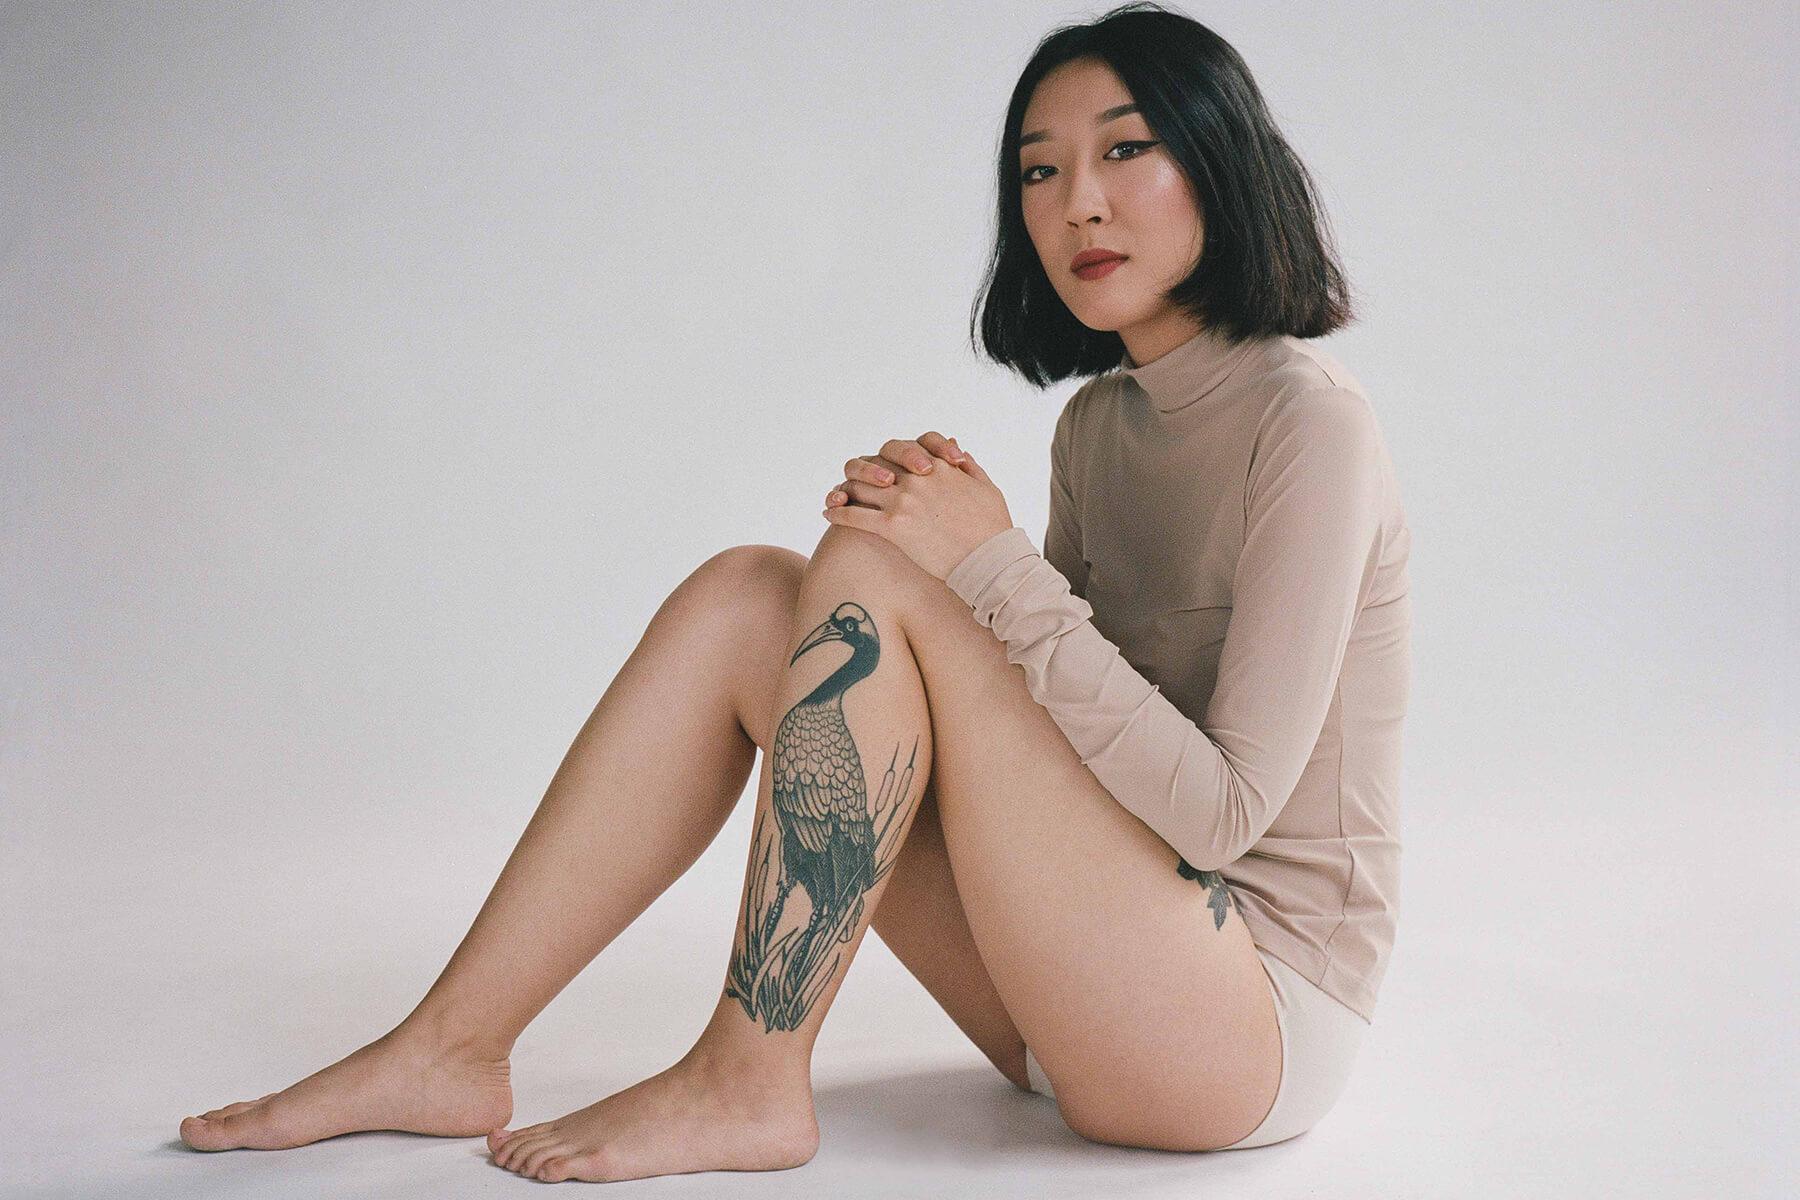 fotografía de Annie, tatuada por Paul Stillen en Documenting the Body